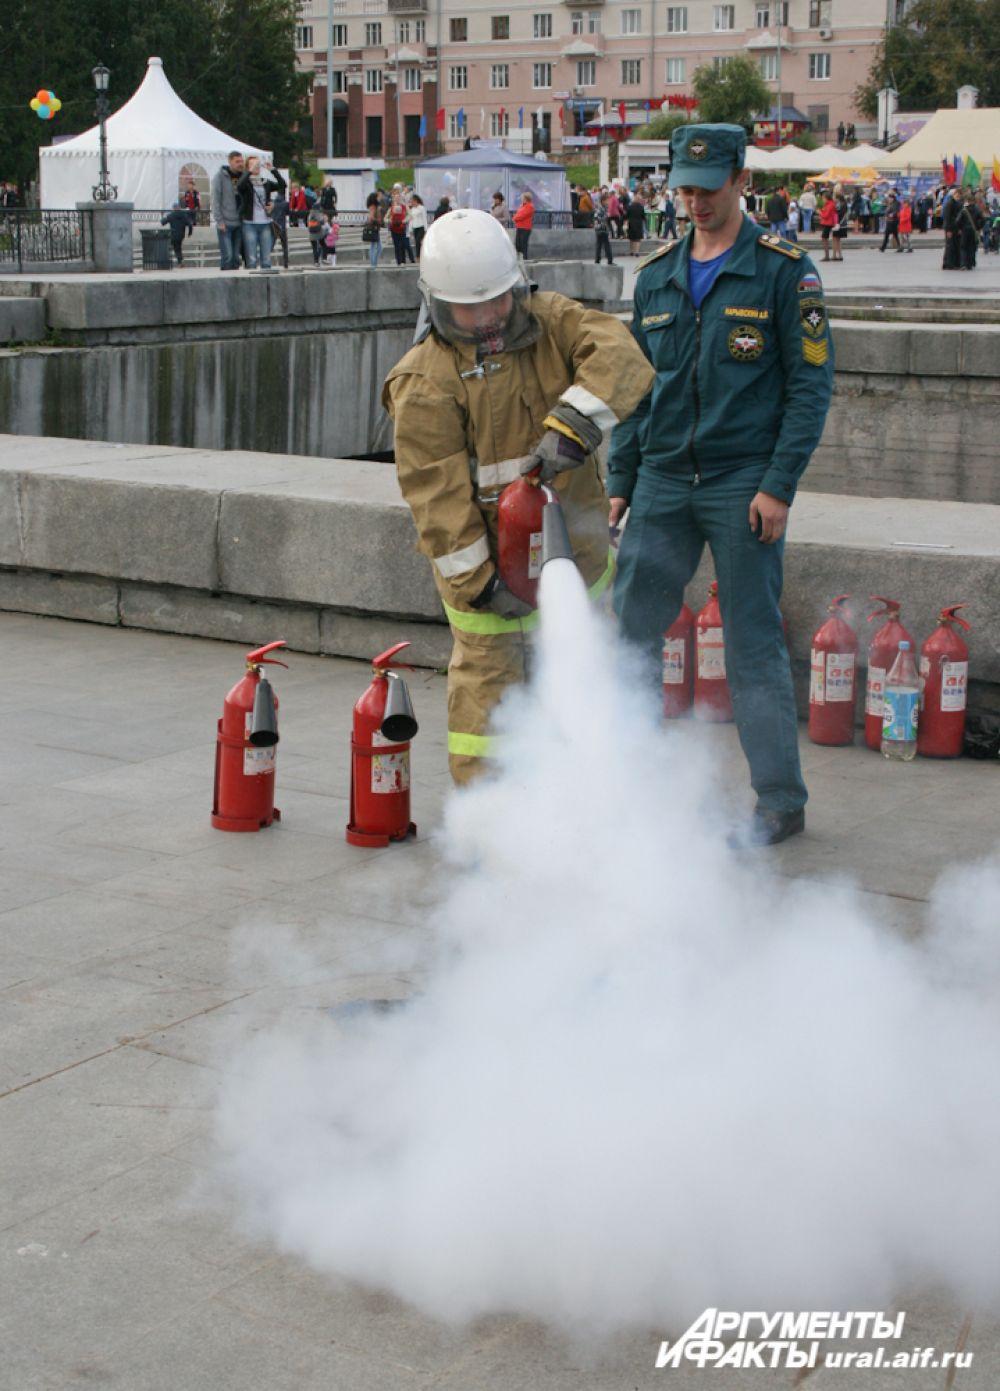 ...И сбивали пламя в настоящей экипировке пожарного.